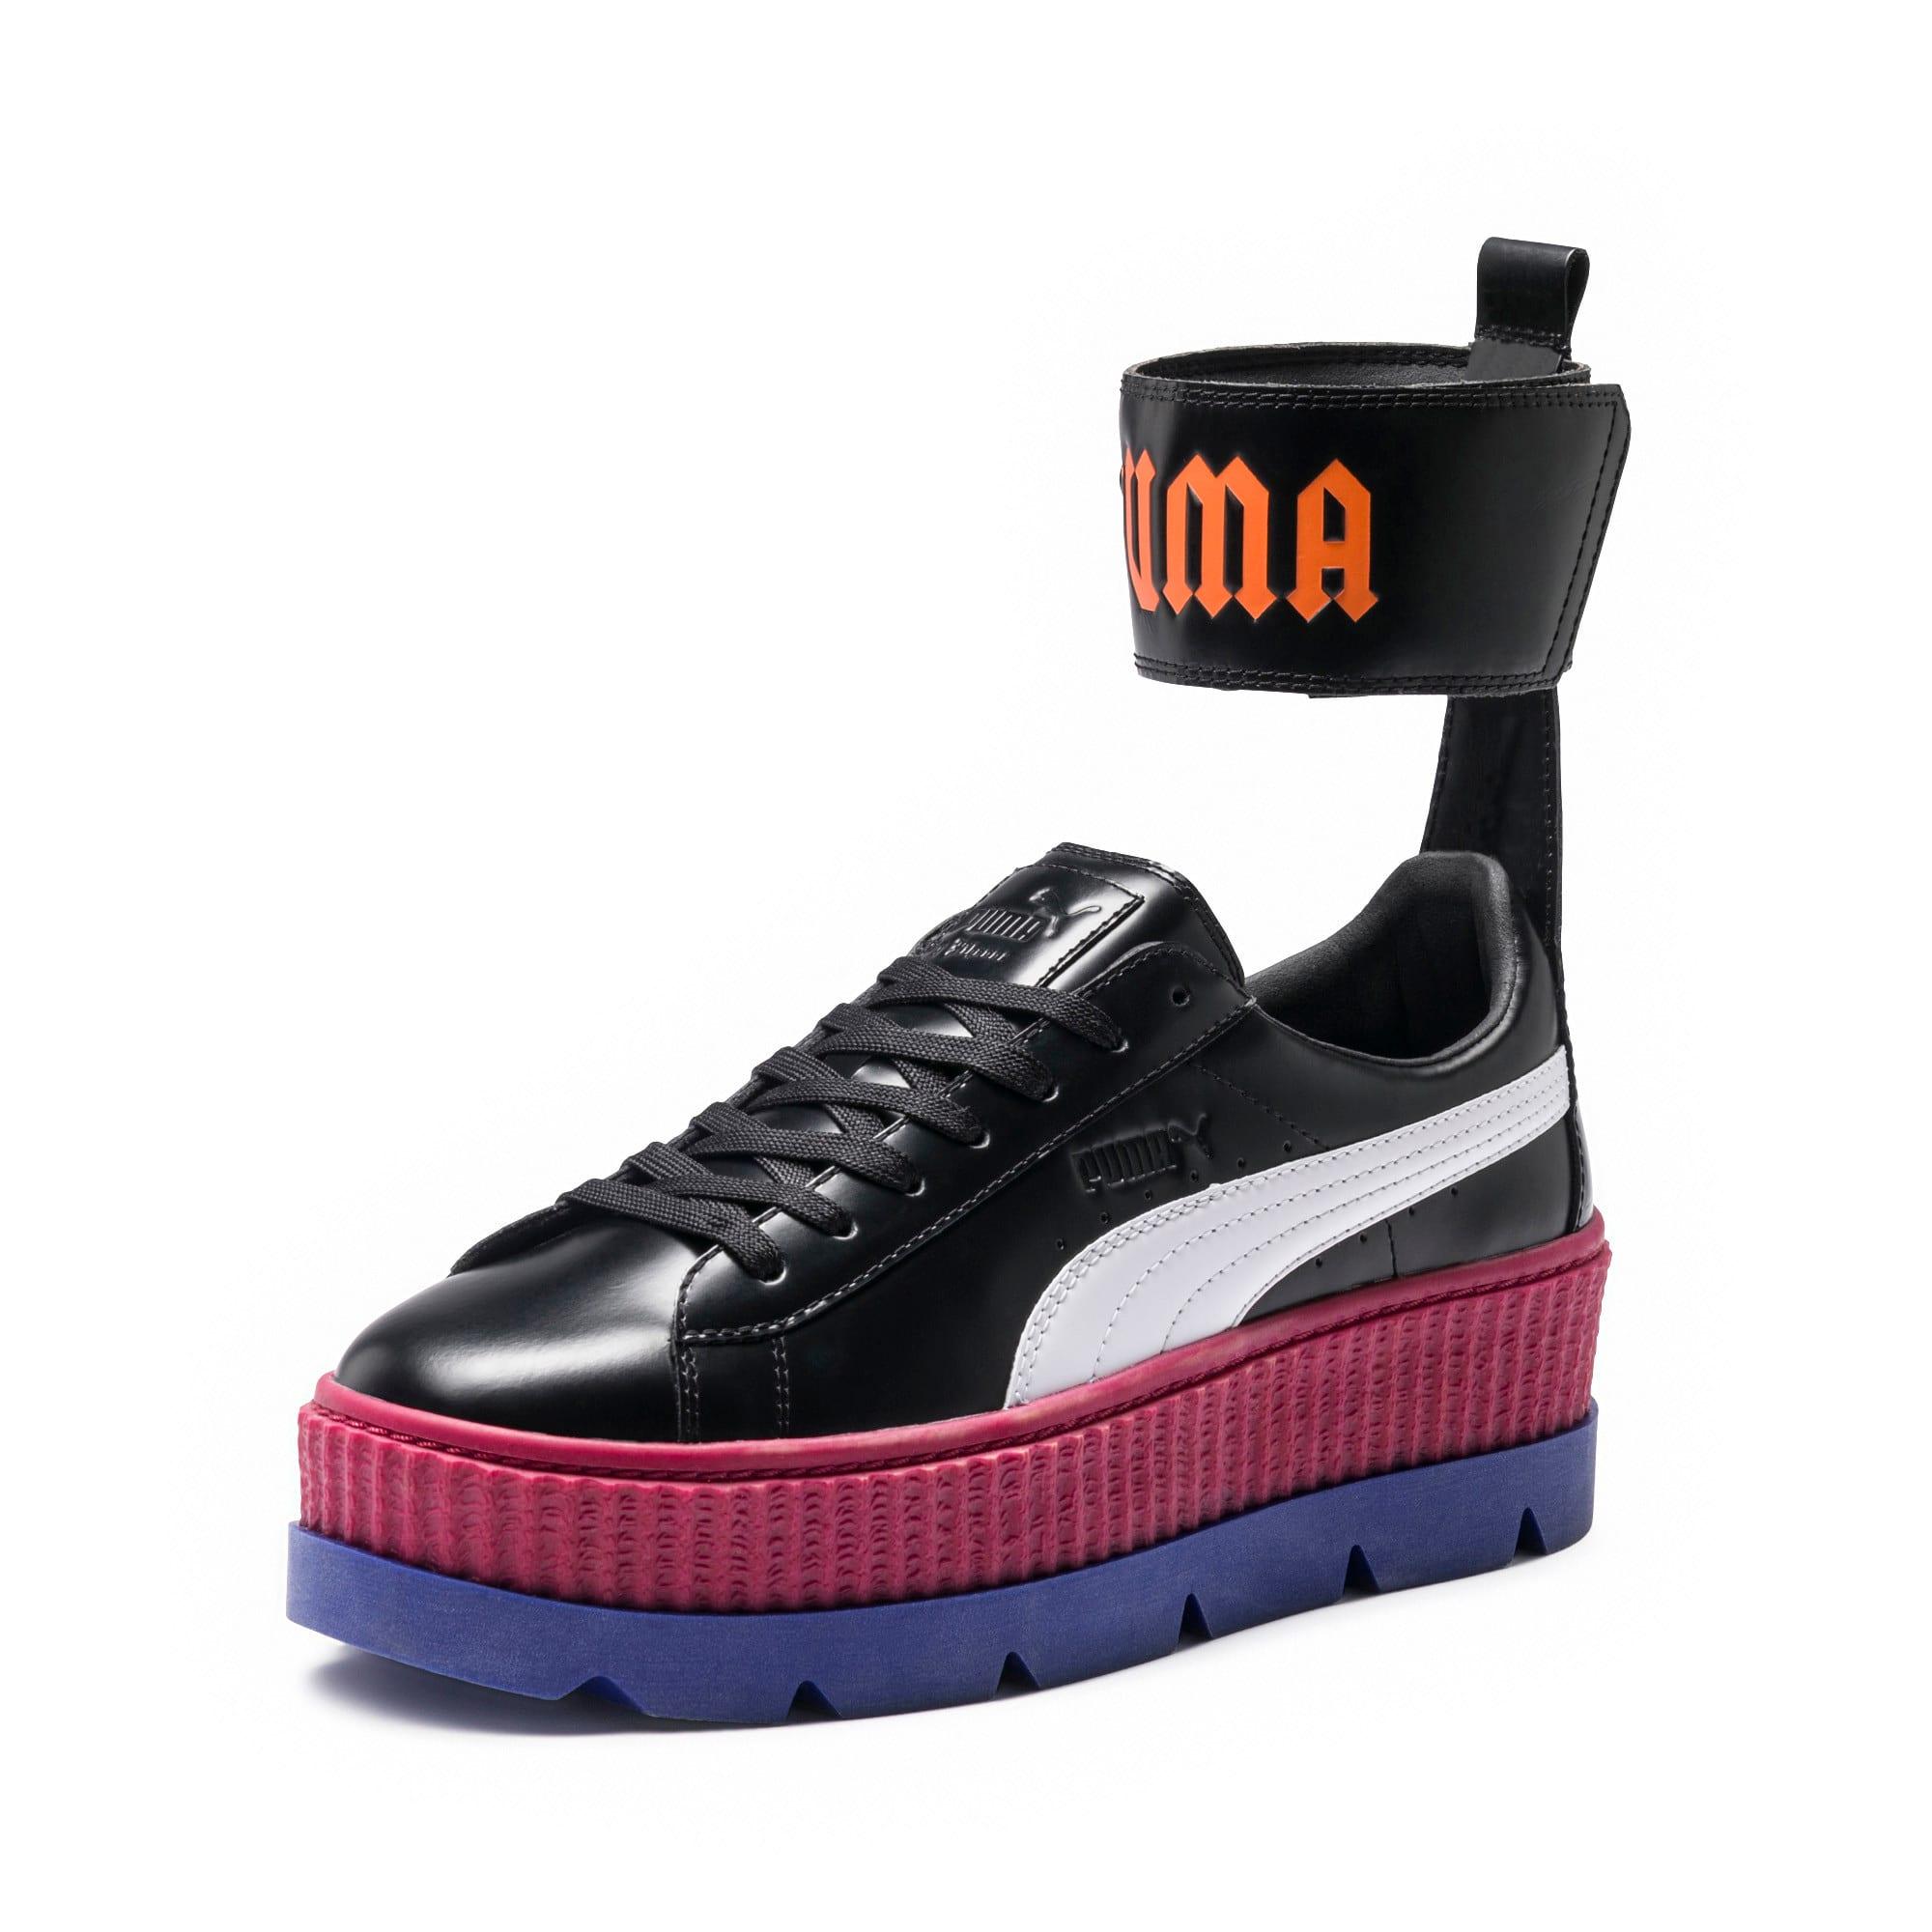 sale retailer 96bf0 b6af3 FENTY Men's Ankle Strap Trainer